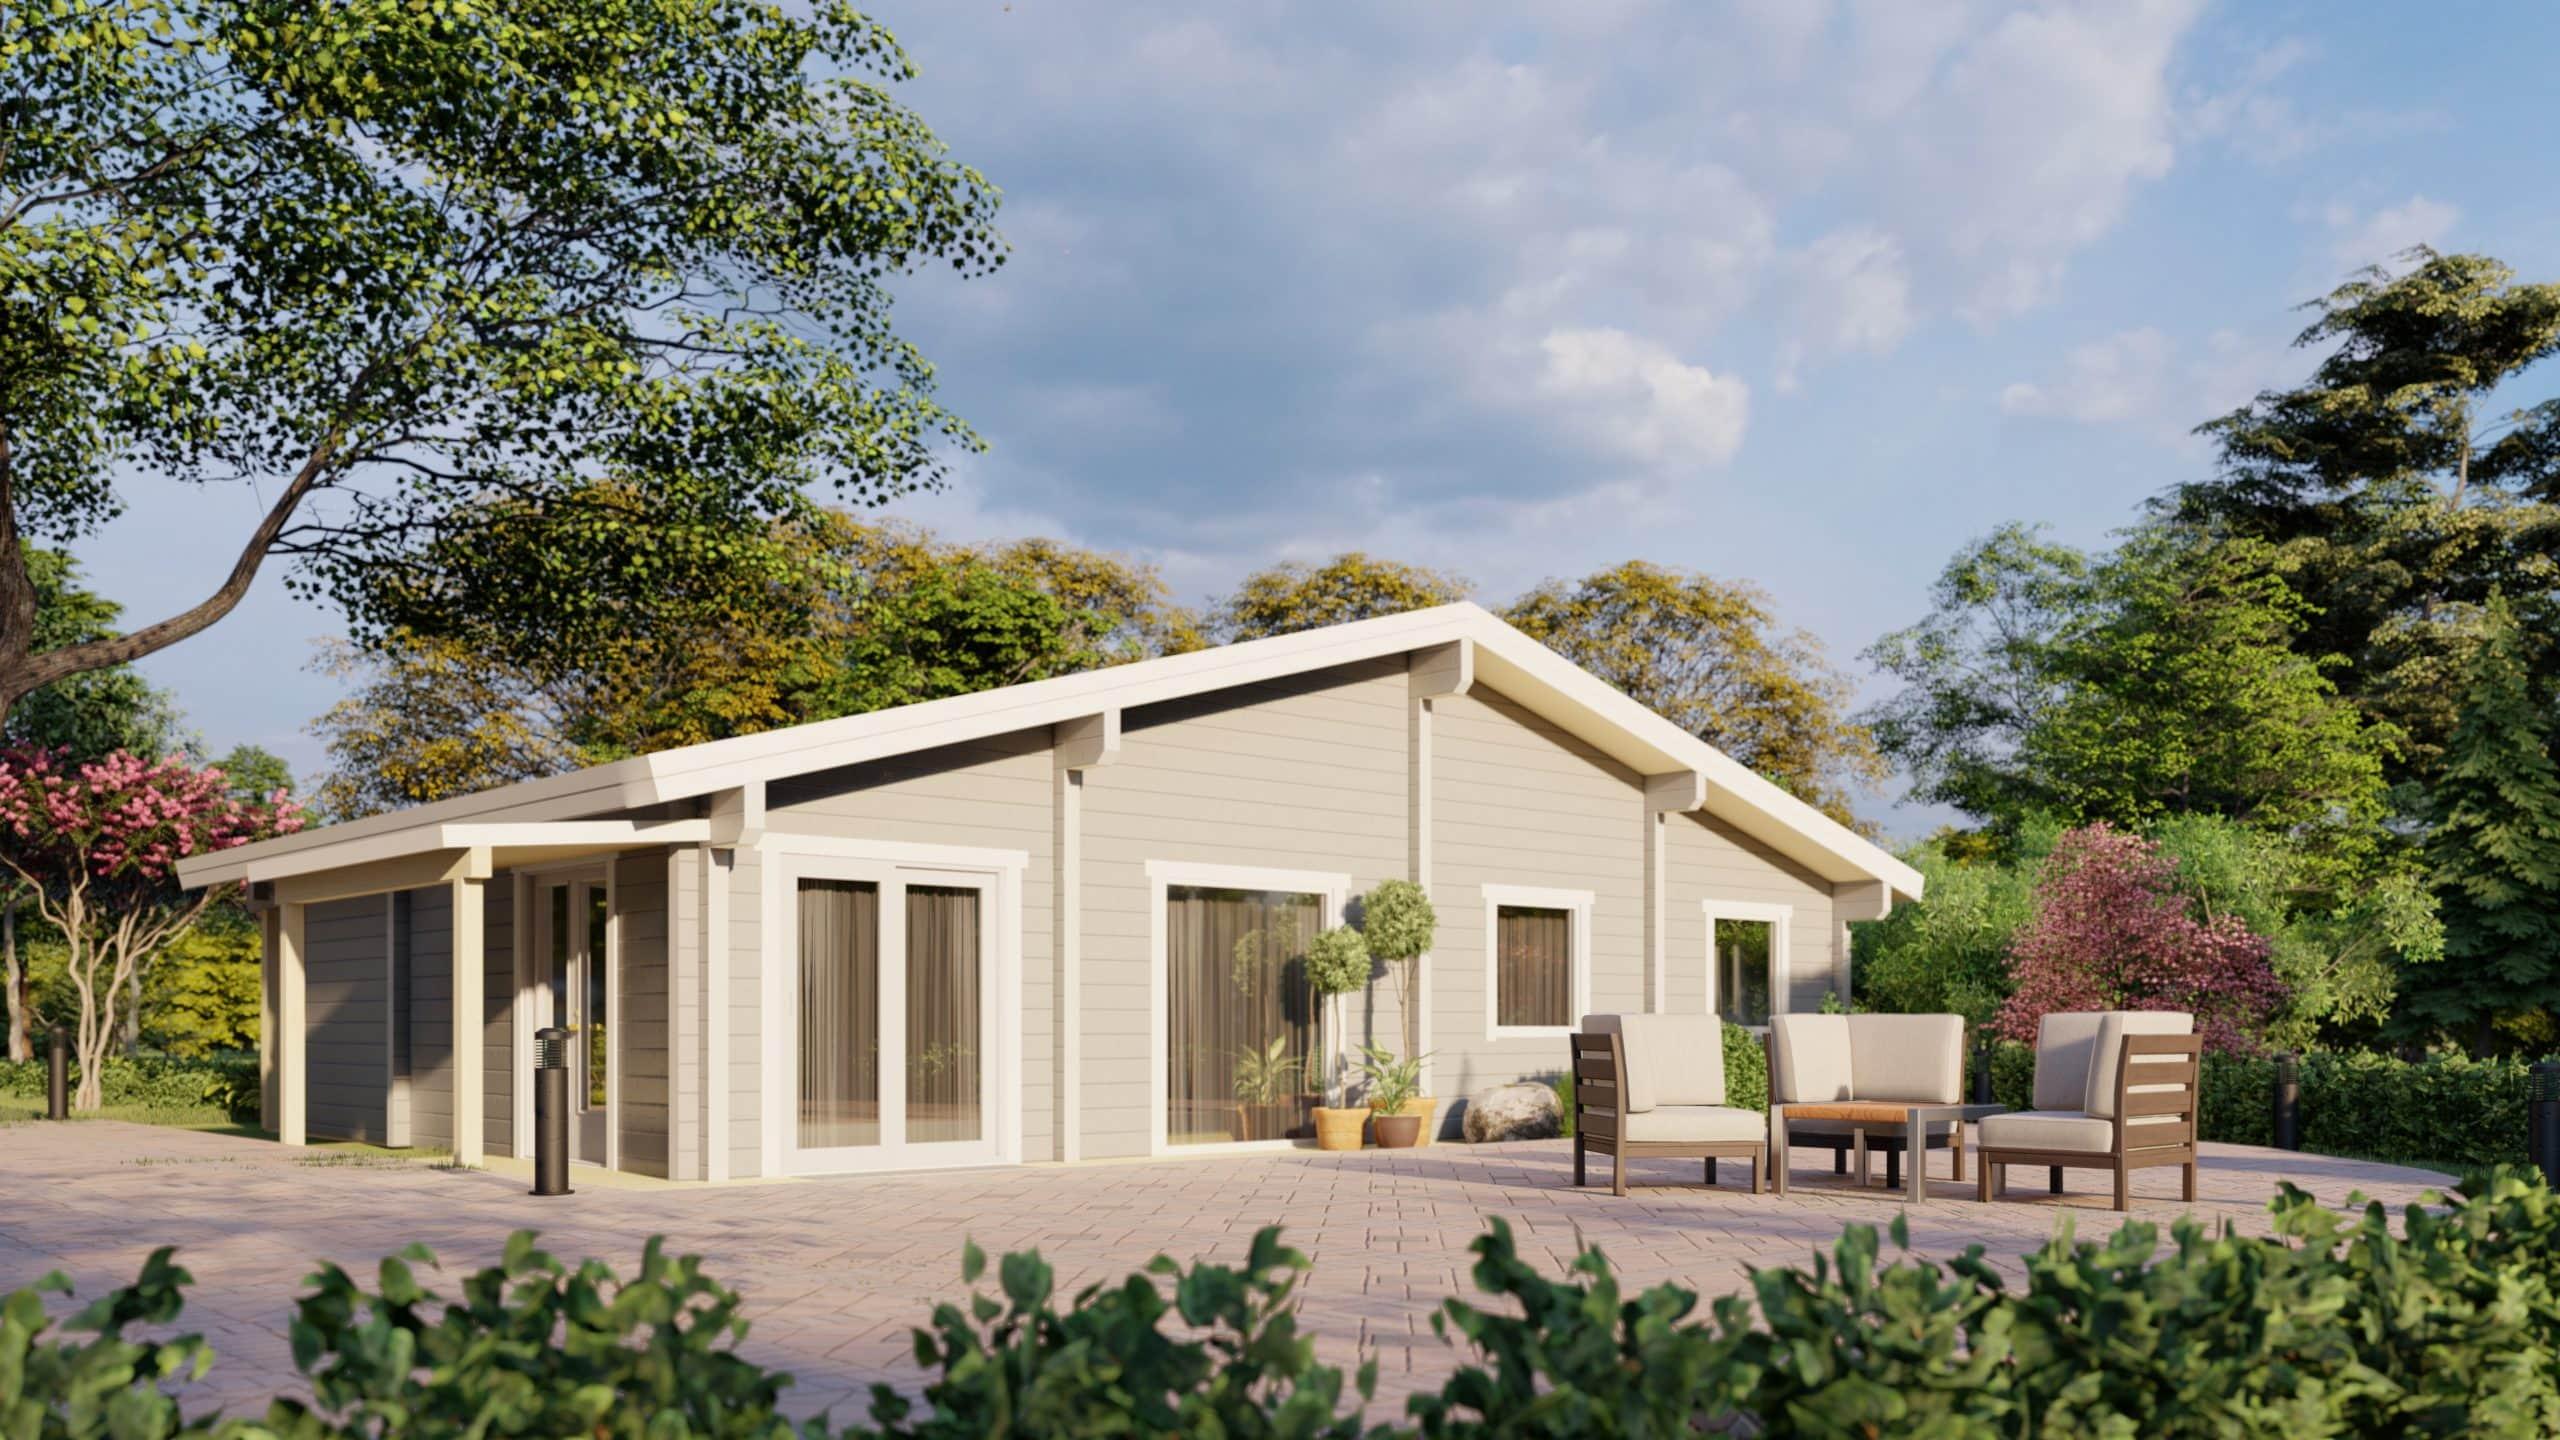 Maison en rondins et madriers - 120m² - 3 chambres - terrasse - plain pied - CÈDRE